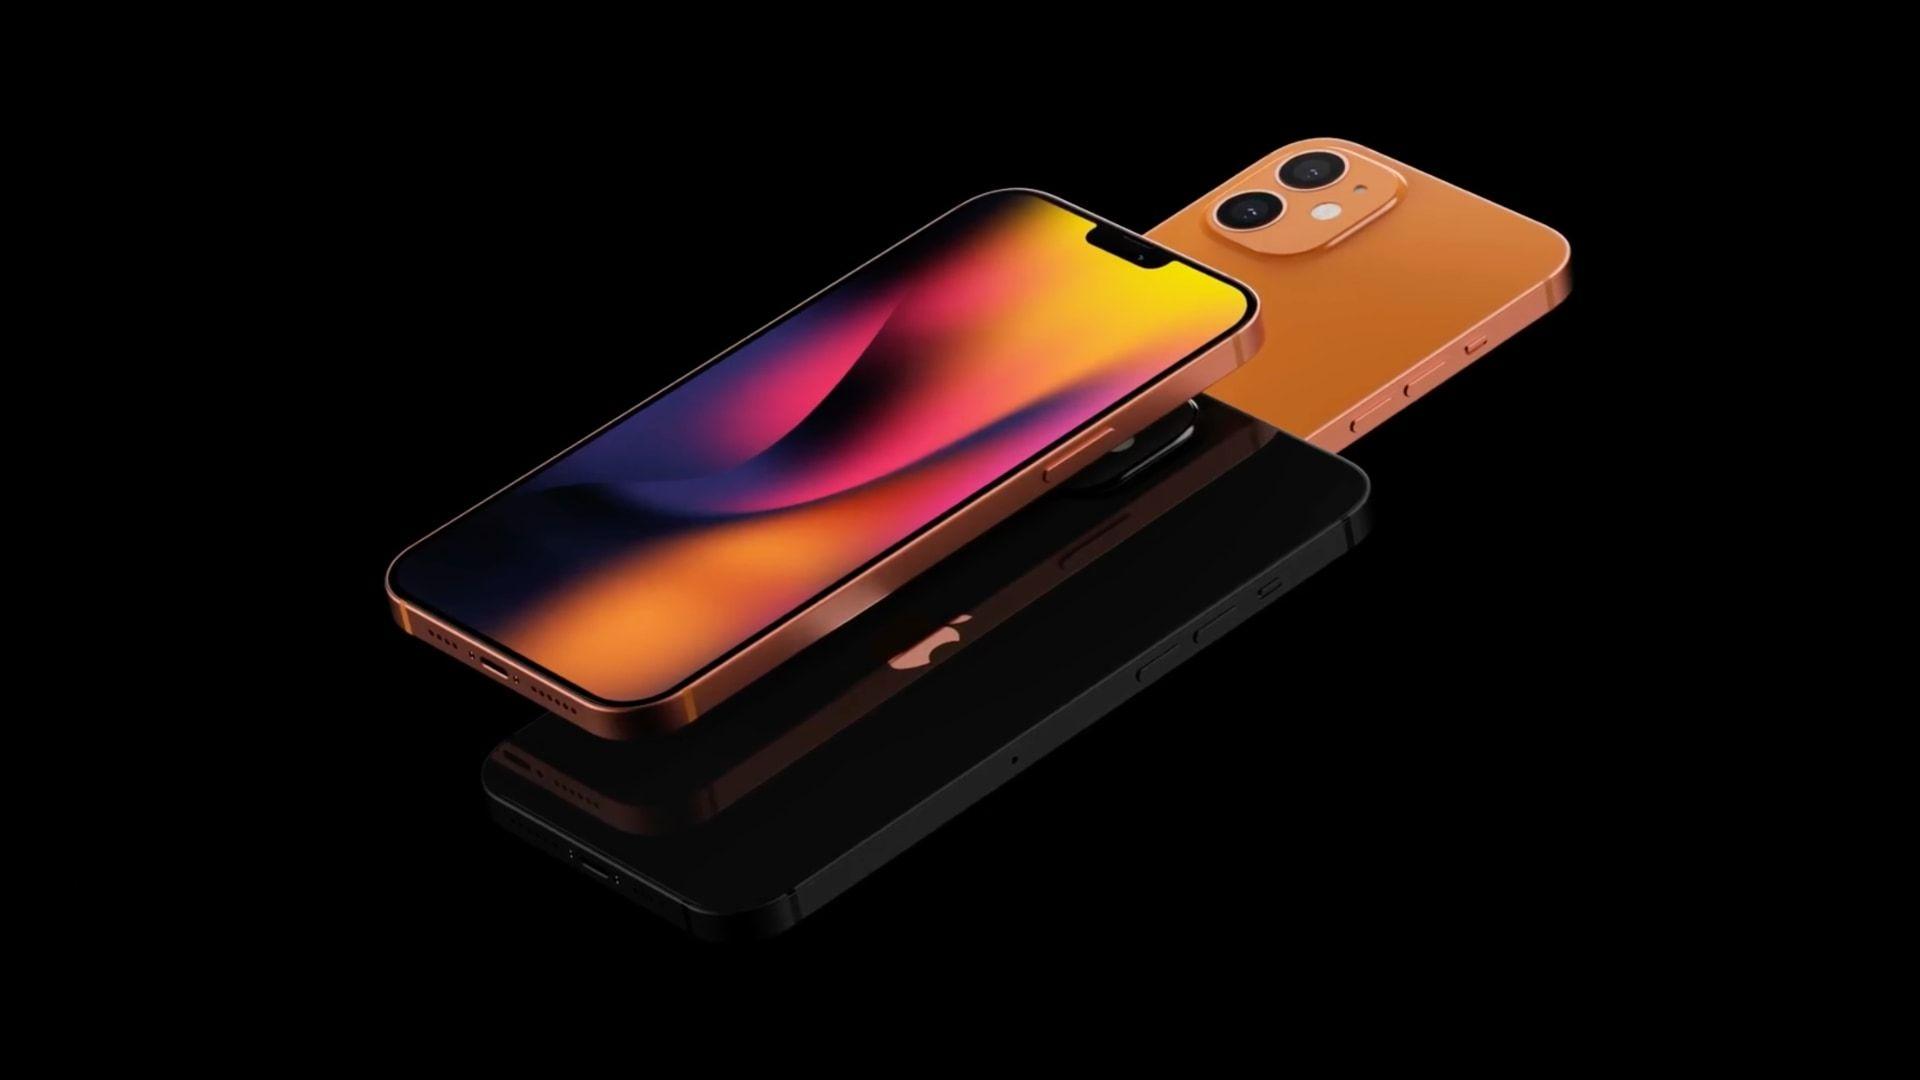 Provável design do iPhone 12 Mini terá tela infinita e câmera dupla (Foto: Reprodução/AppleTrack)